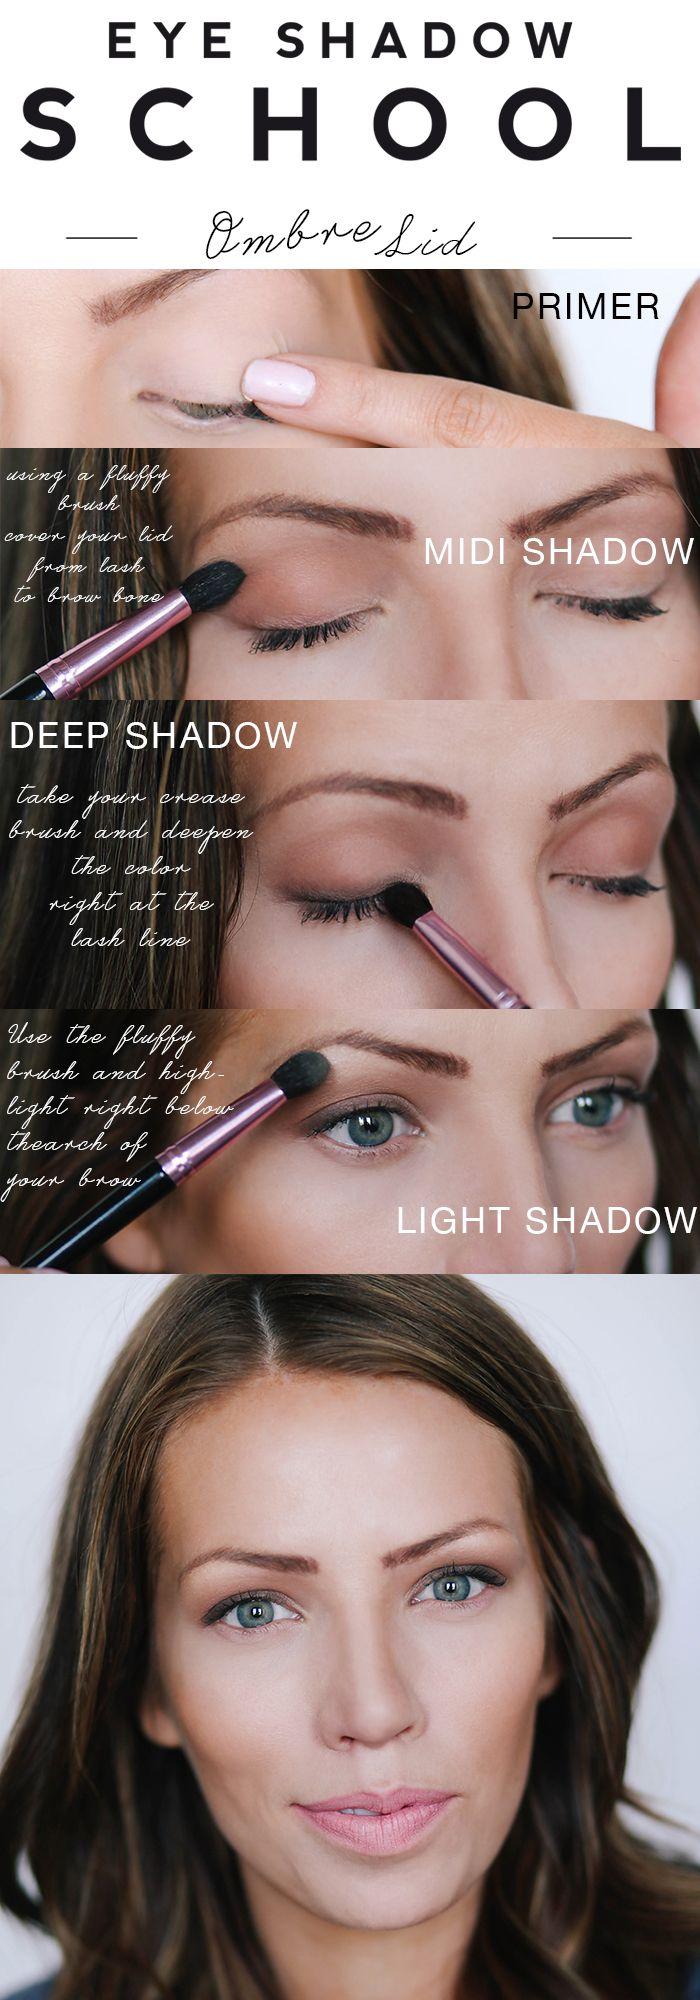 Eyeshadow School: Ombre Lid - Maskcara